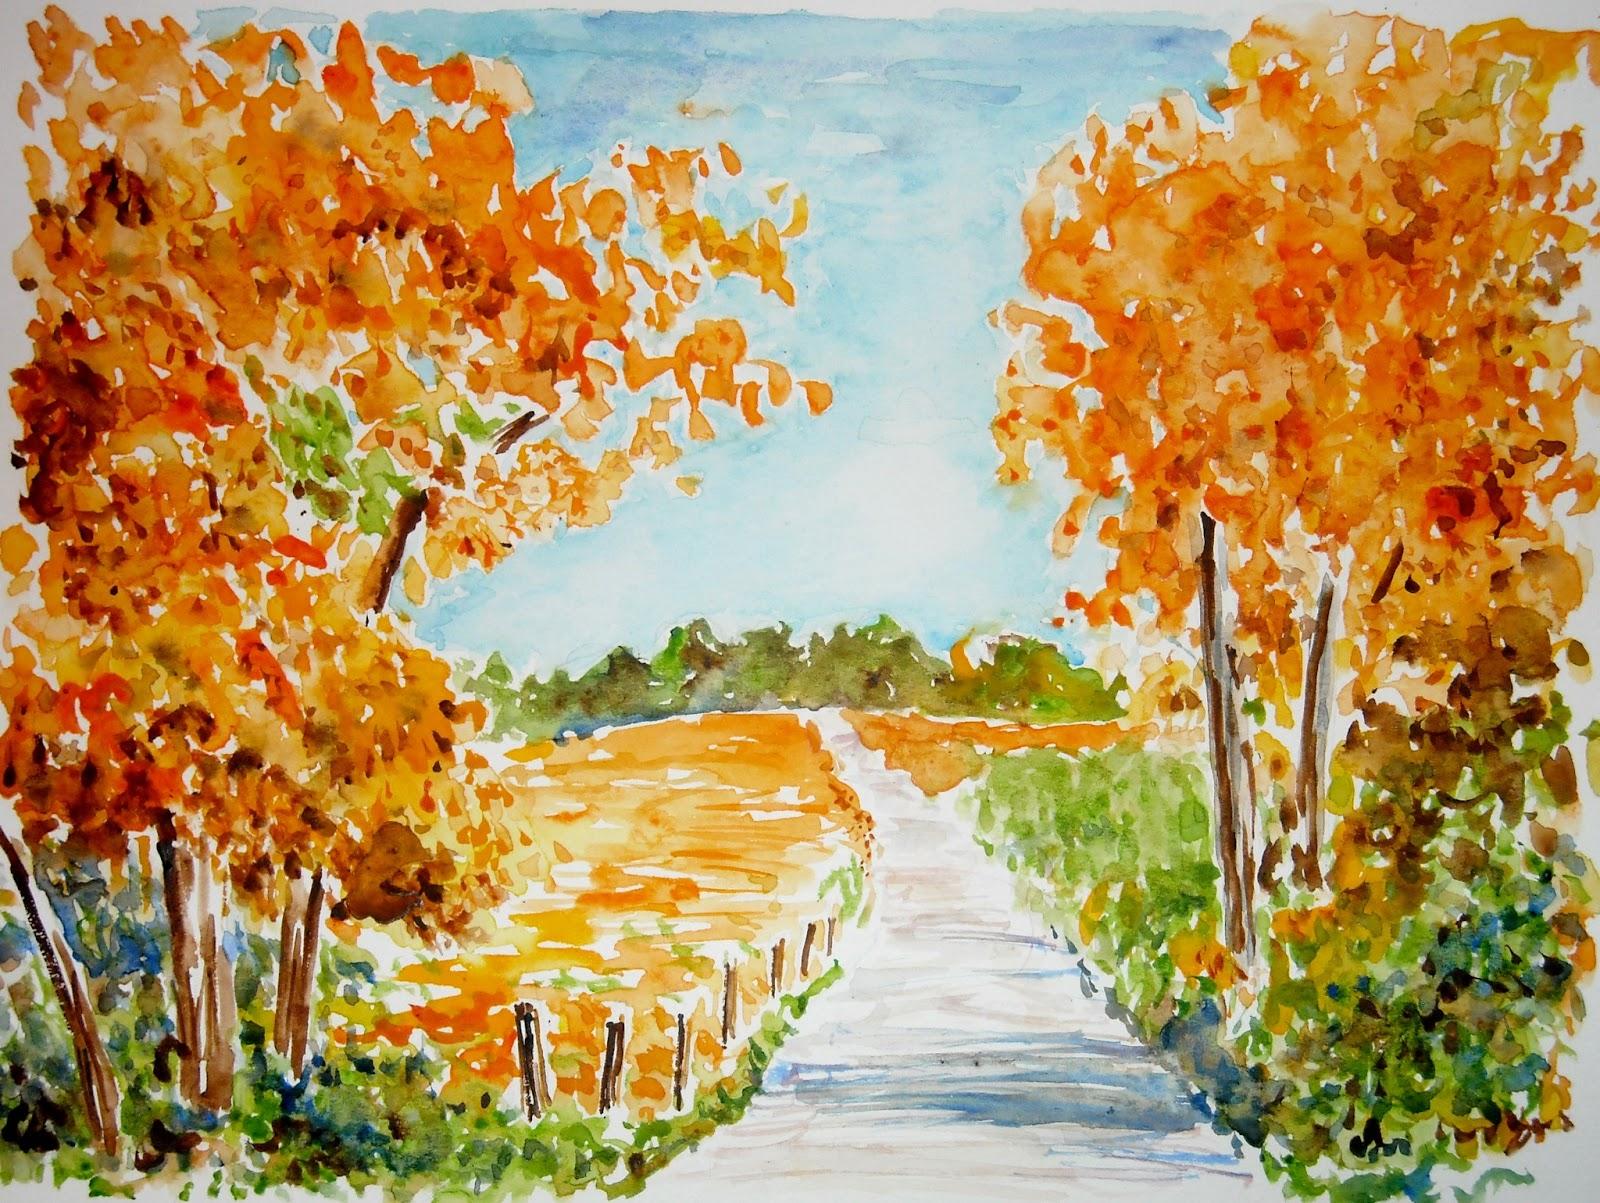 Artist Adron Watercolor Sketch of Autumn Scene